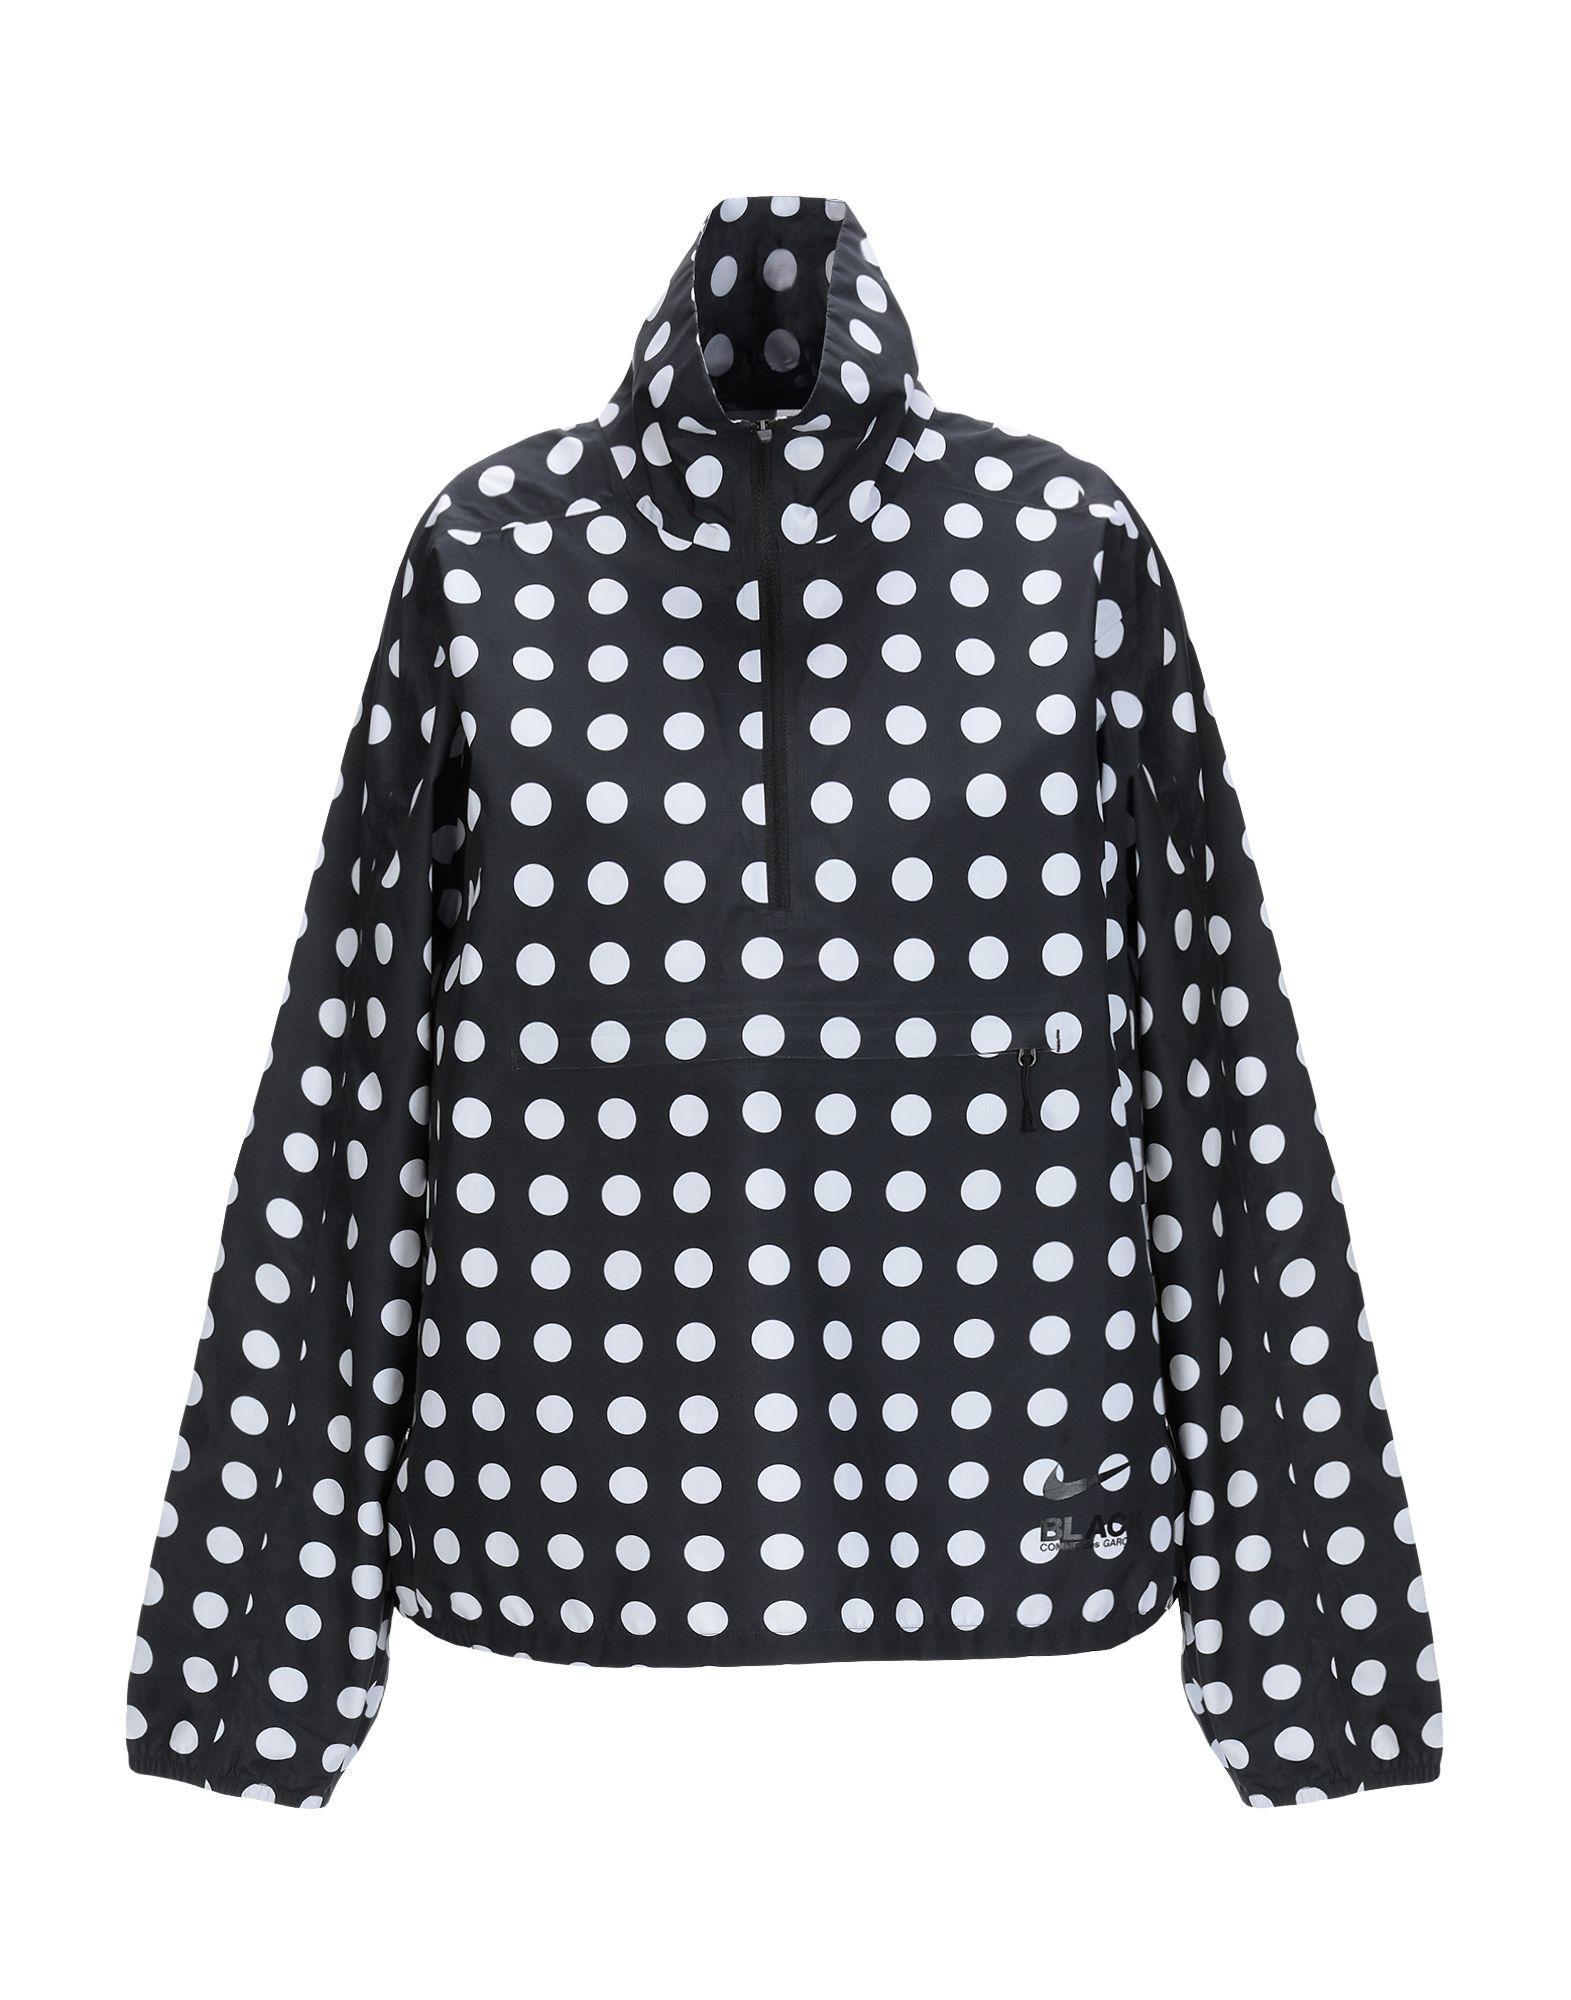 Женская верхняя одежда Nike купить в интернет магазине - официальный ... cfde576924a